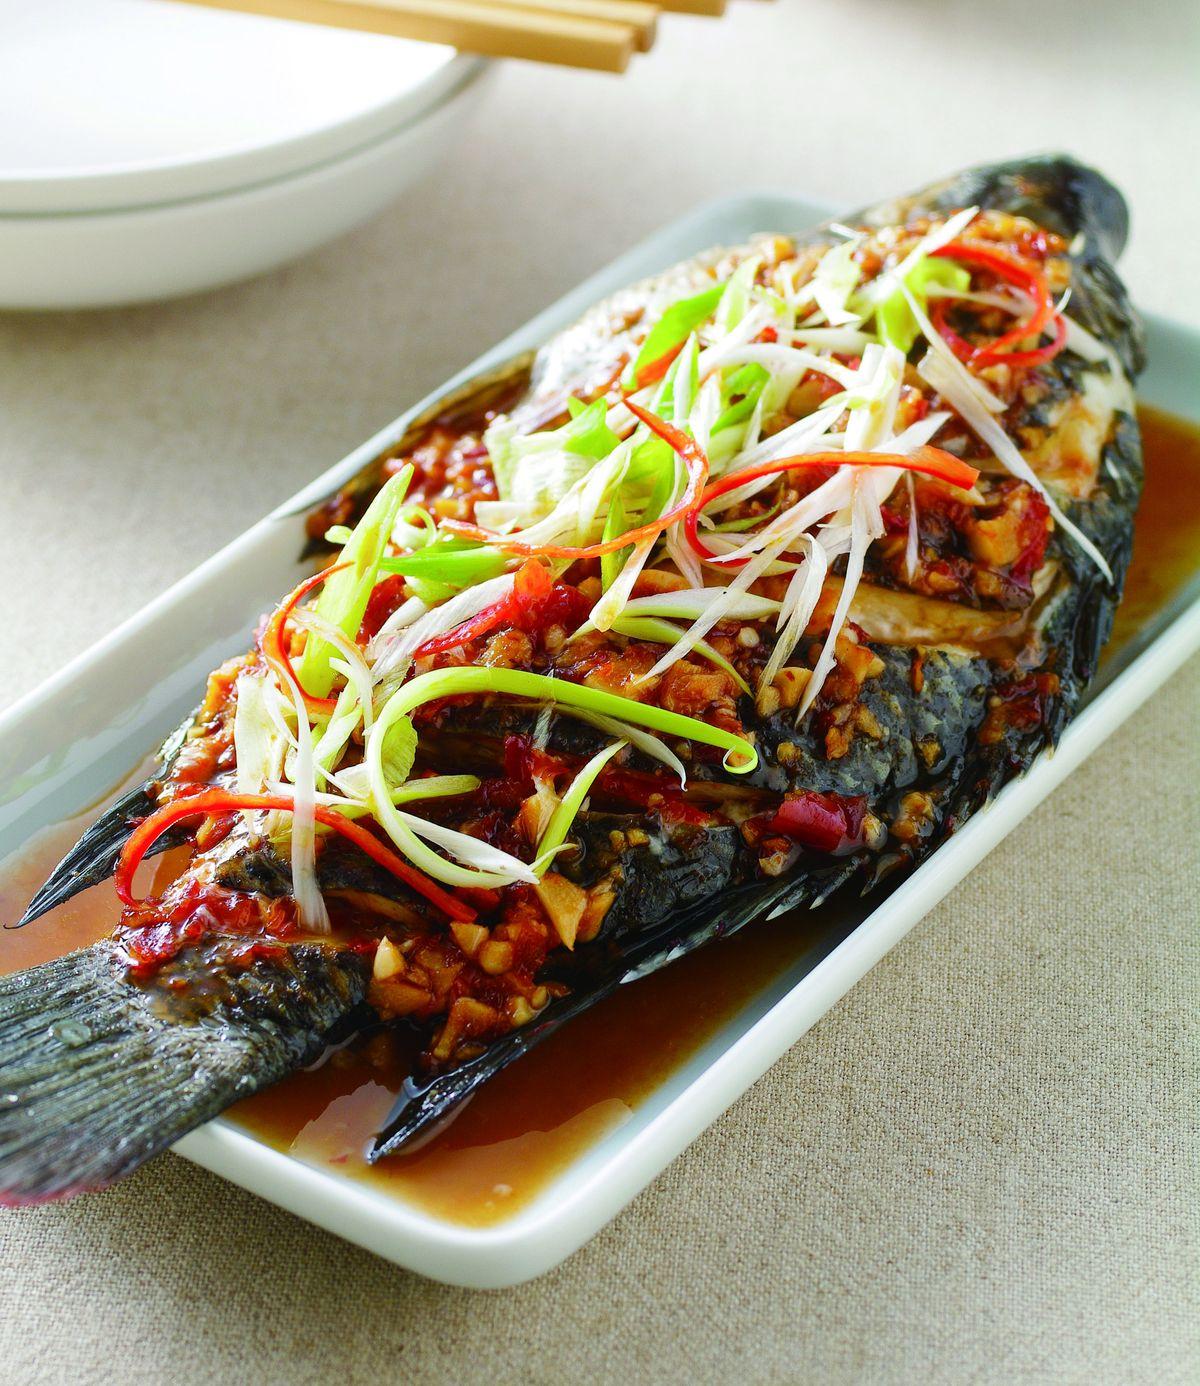 食譜:乾燒吳郭魚